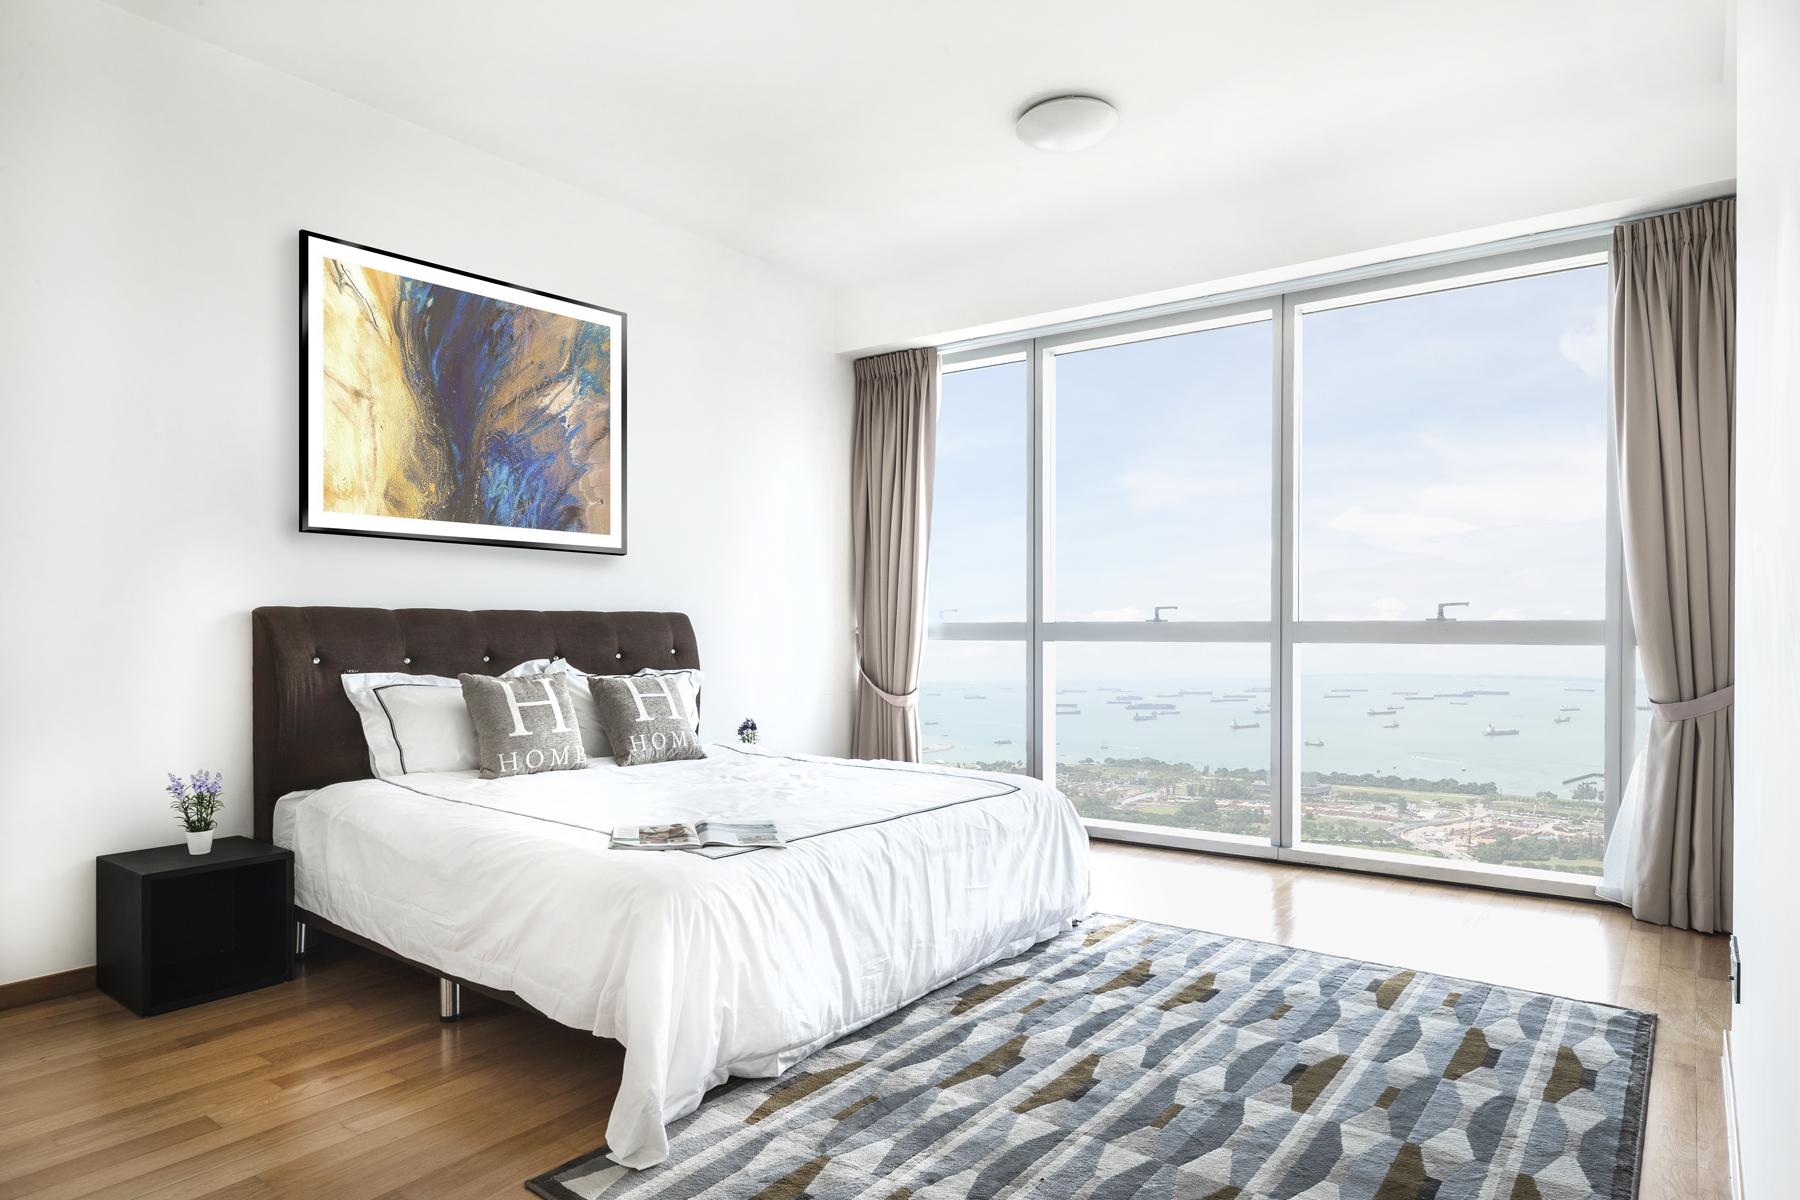 Additional photo for property listing at Marina Bay Residences - Duplex Penthouse 18 Marina Boulevard Marina Bay Residences Singapore, Cities In Singapore 018980 Singapore